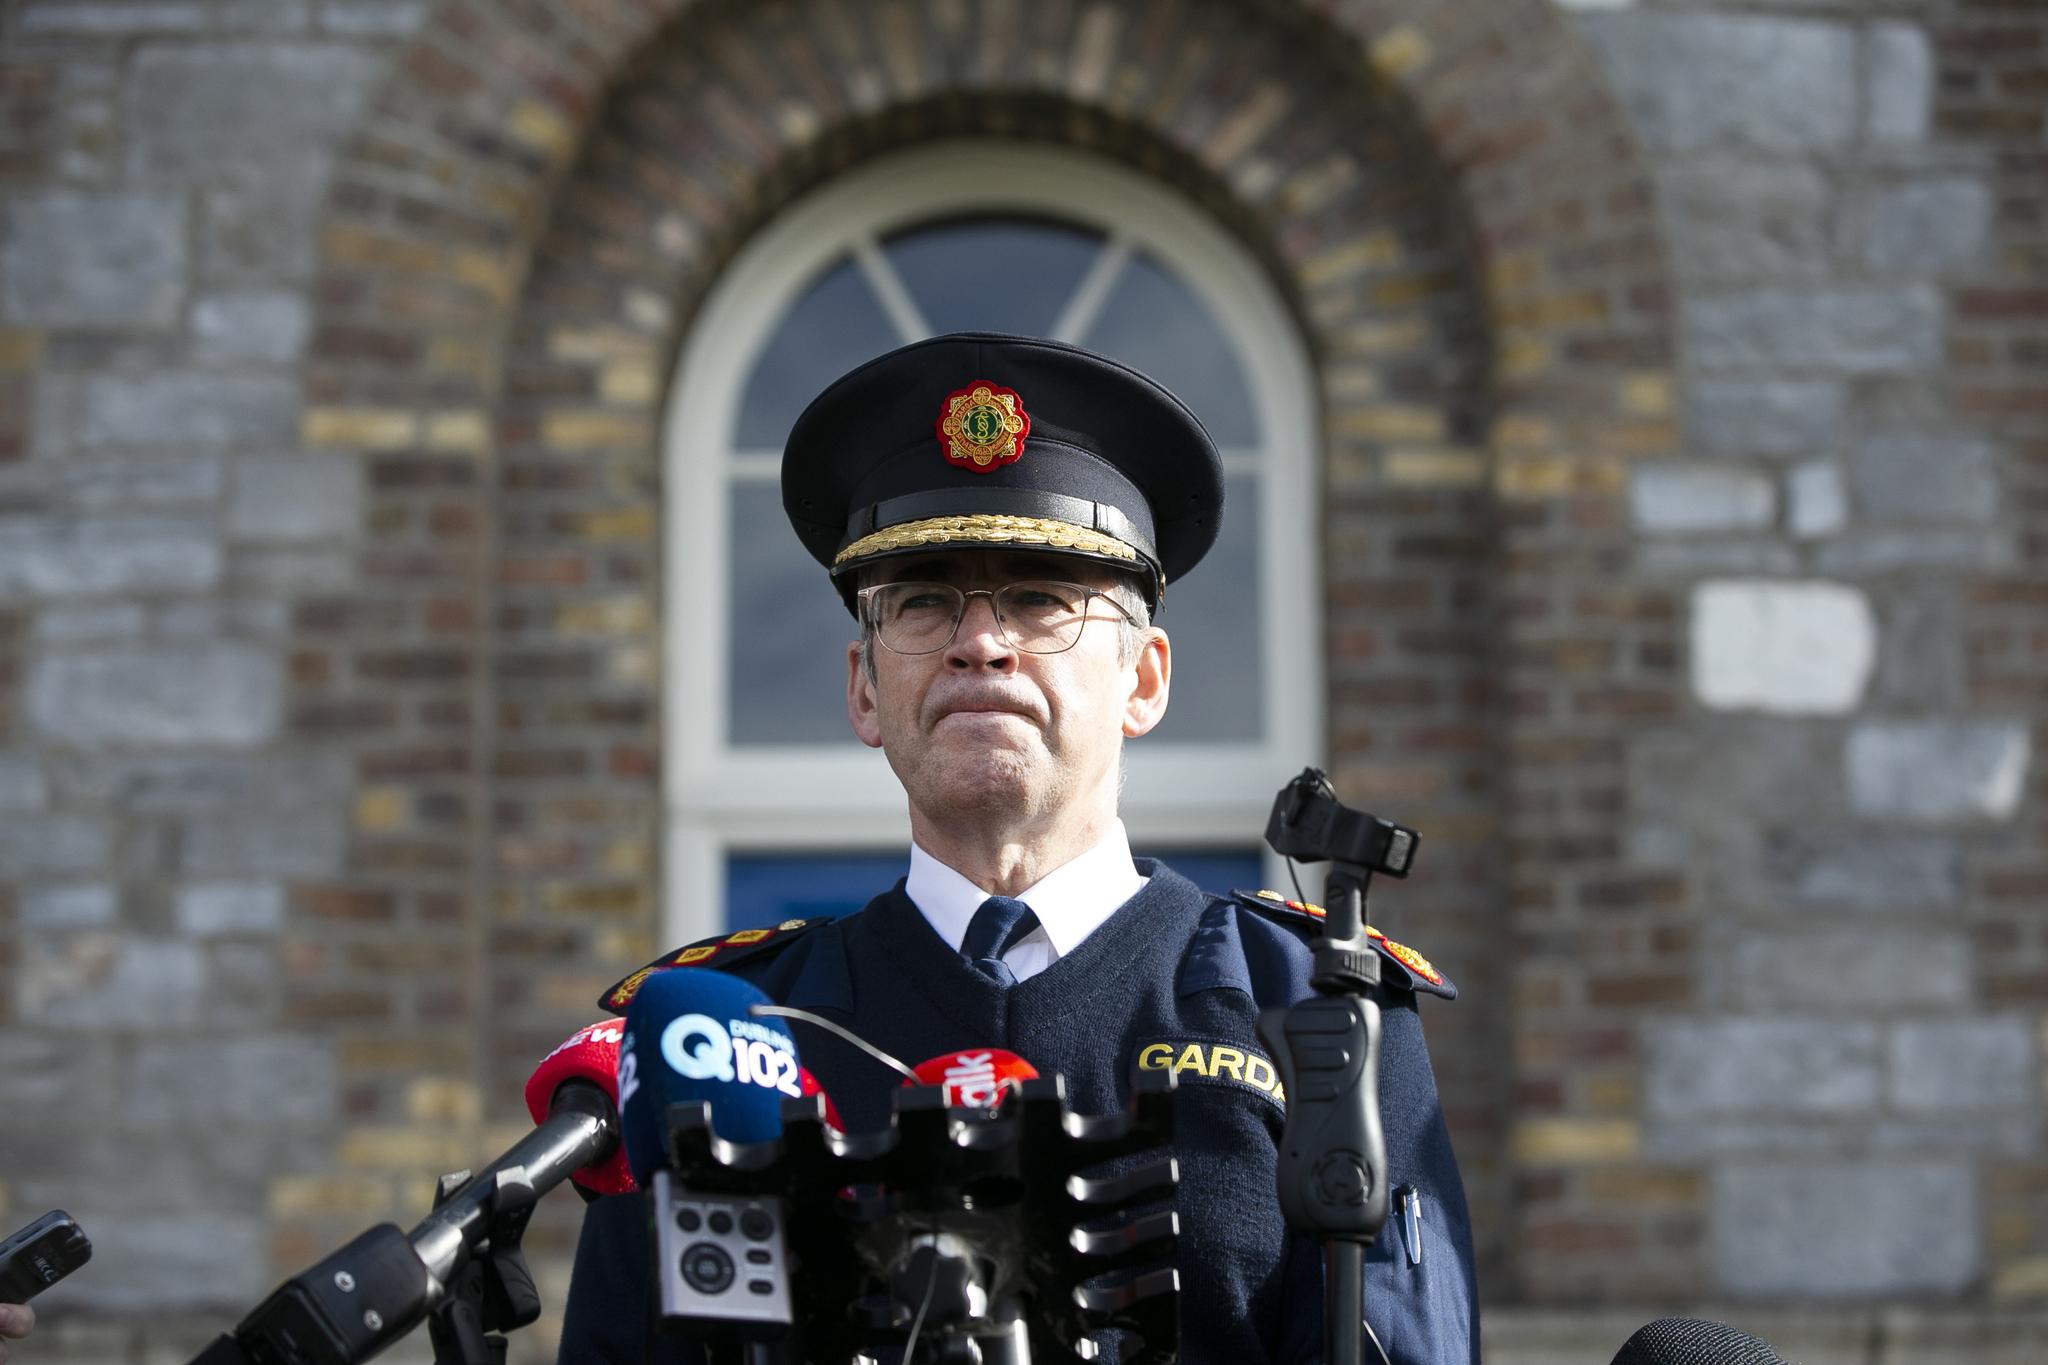 Garda Commissioner Drew Harris COVID-19